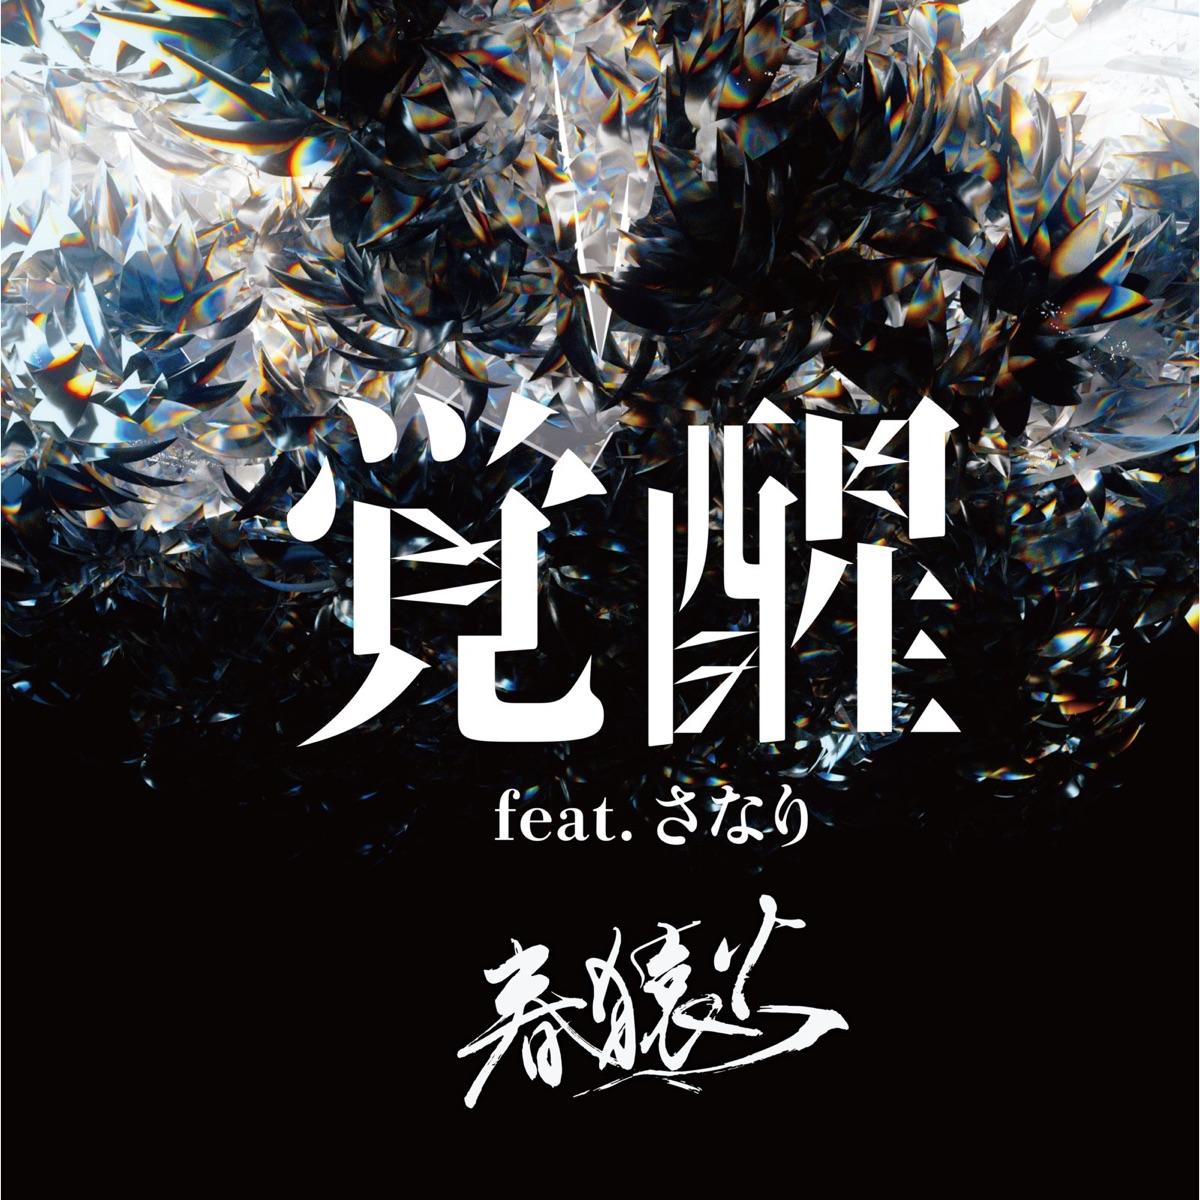 『春猿火 - 覚醒 feat.さなり』収録の『覚醒 feat.さなり』ジャケット